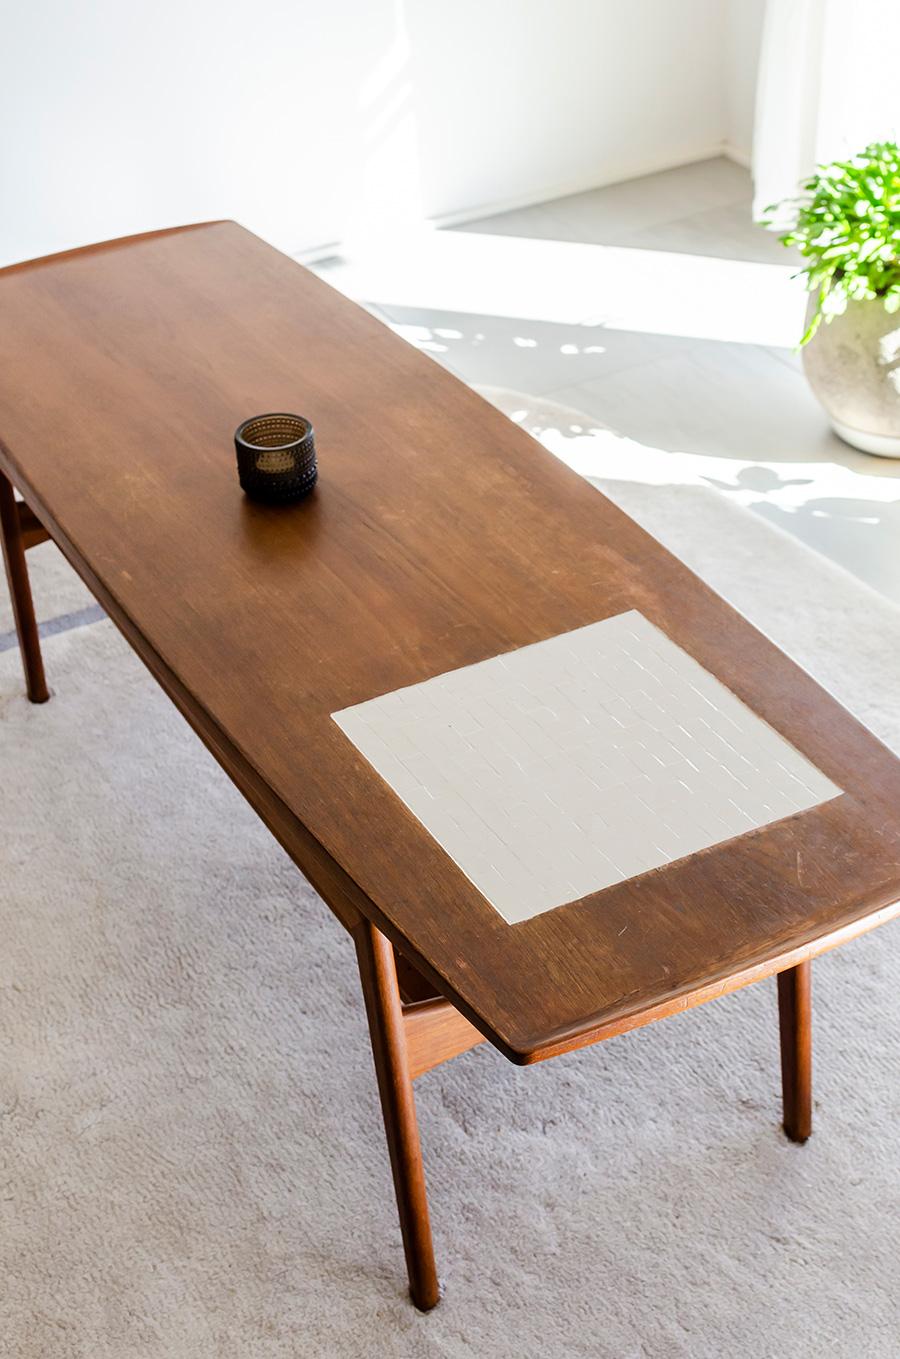 デンマーク家具店「haluta」で買ったテーブル。